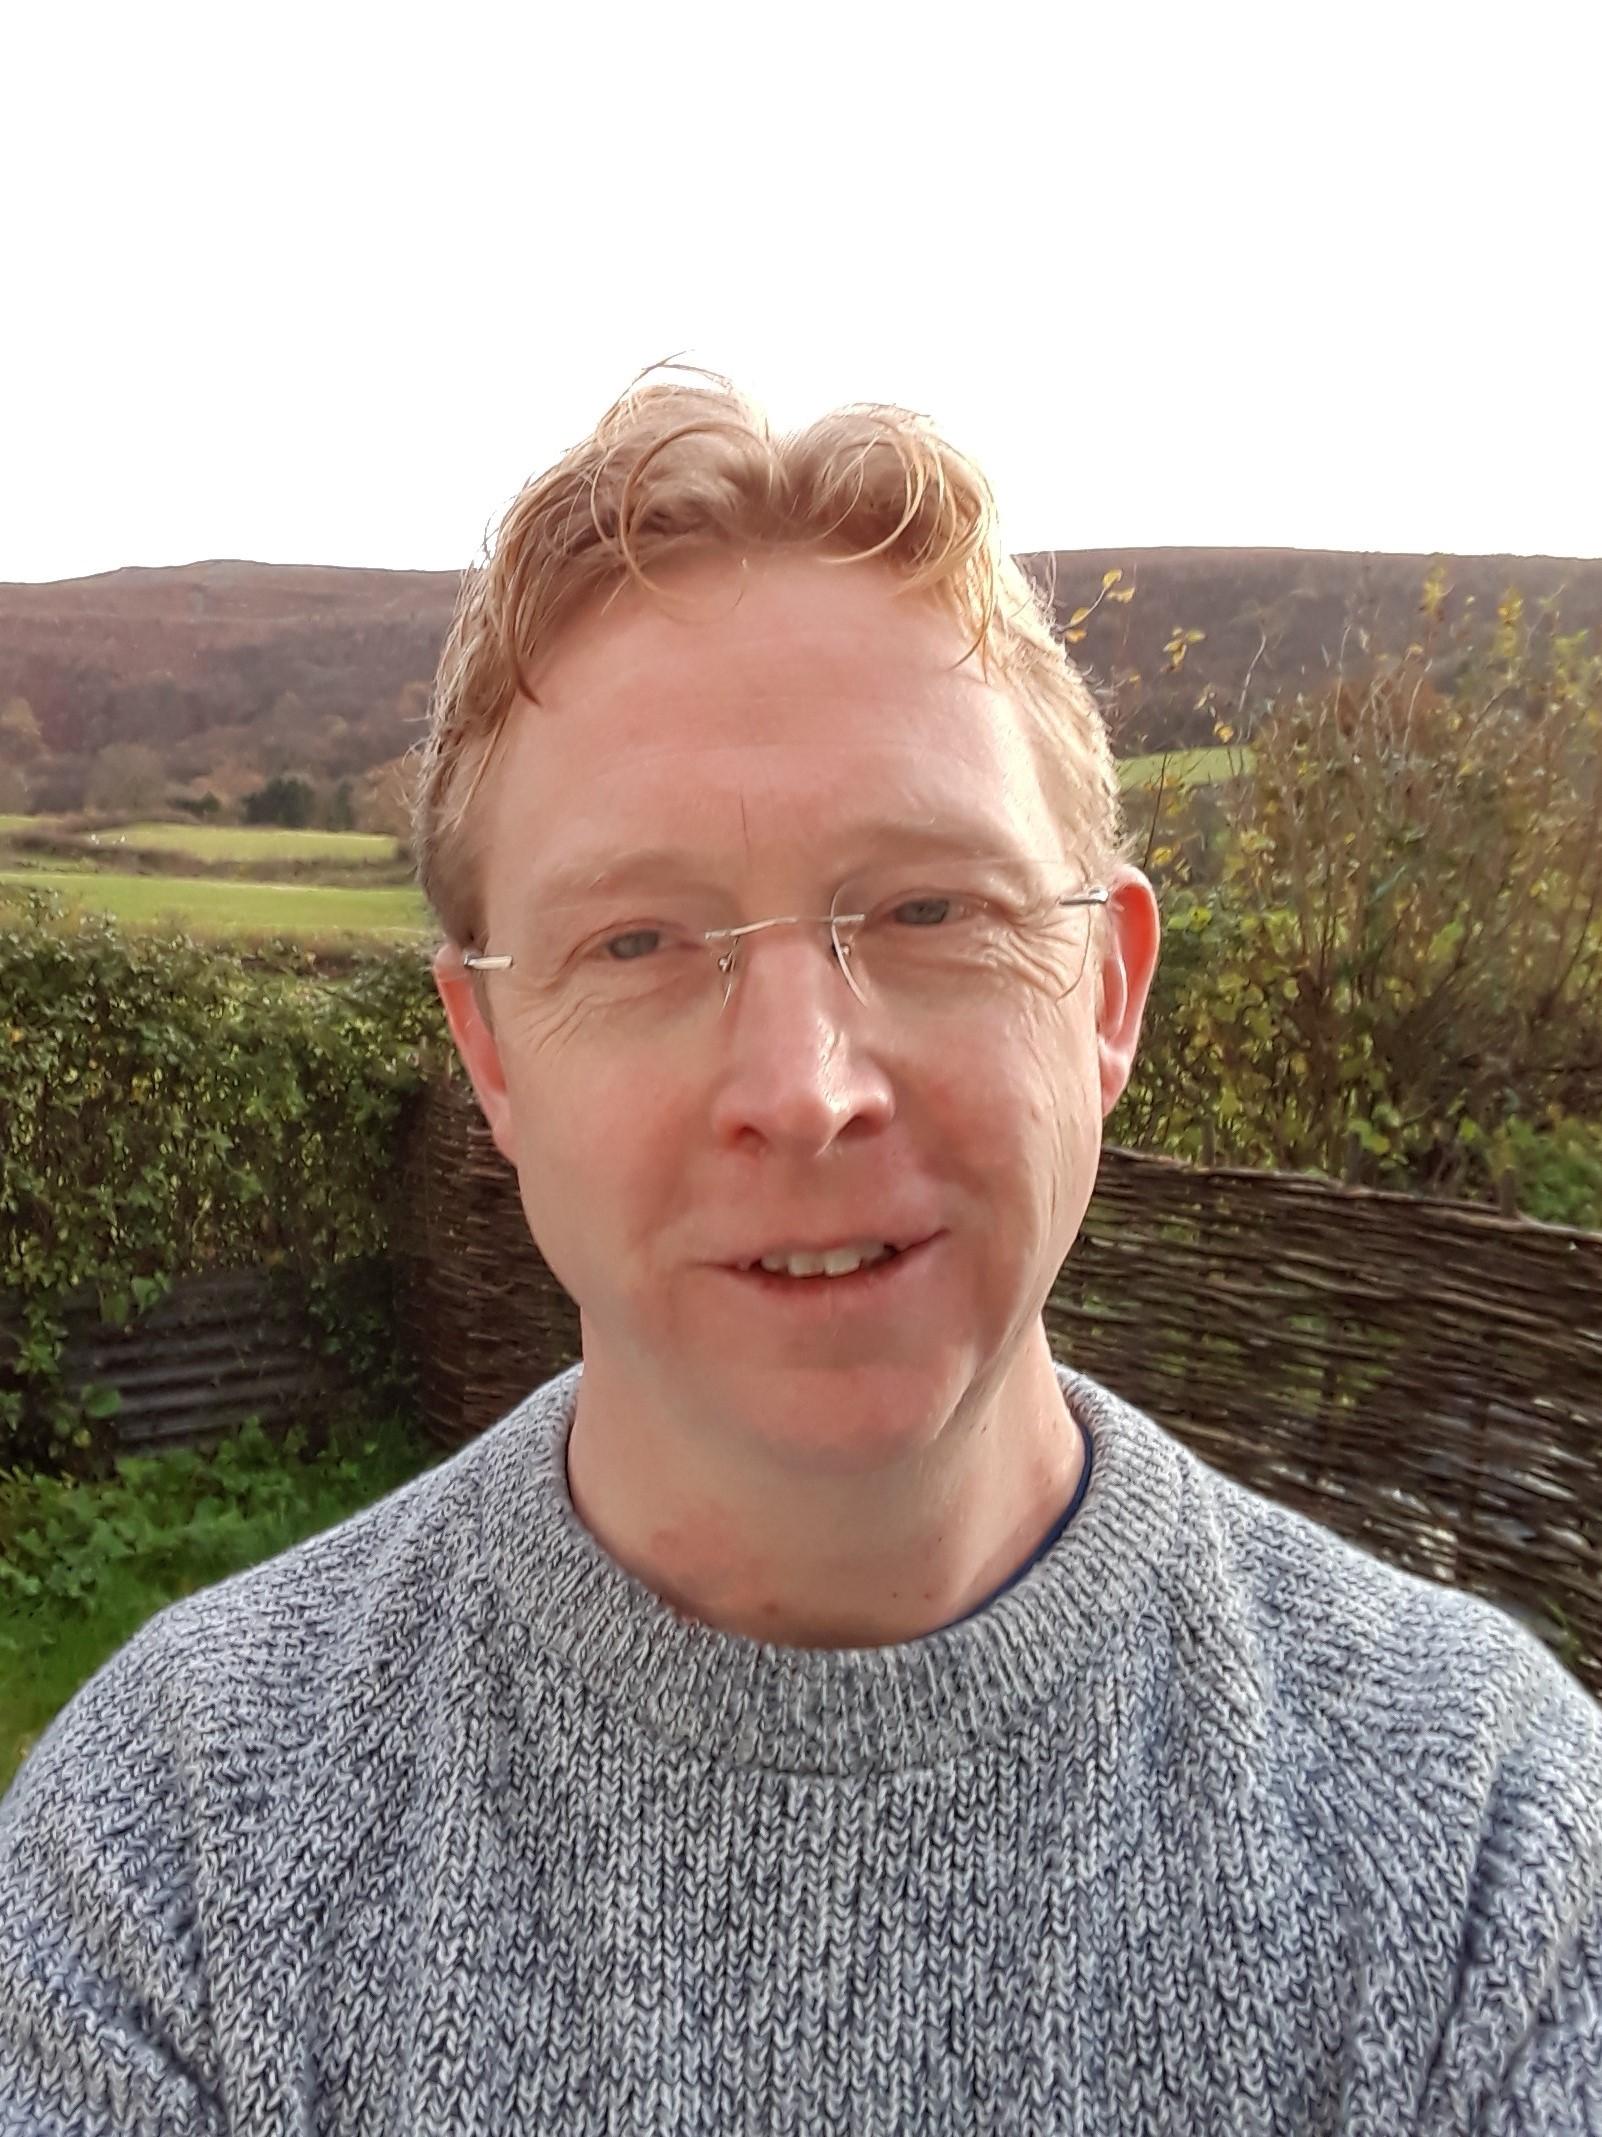 Huw Macrae Jones